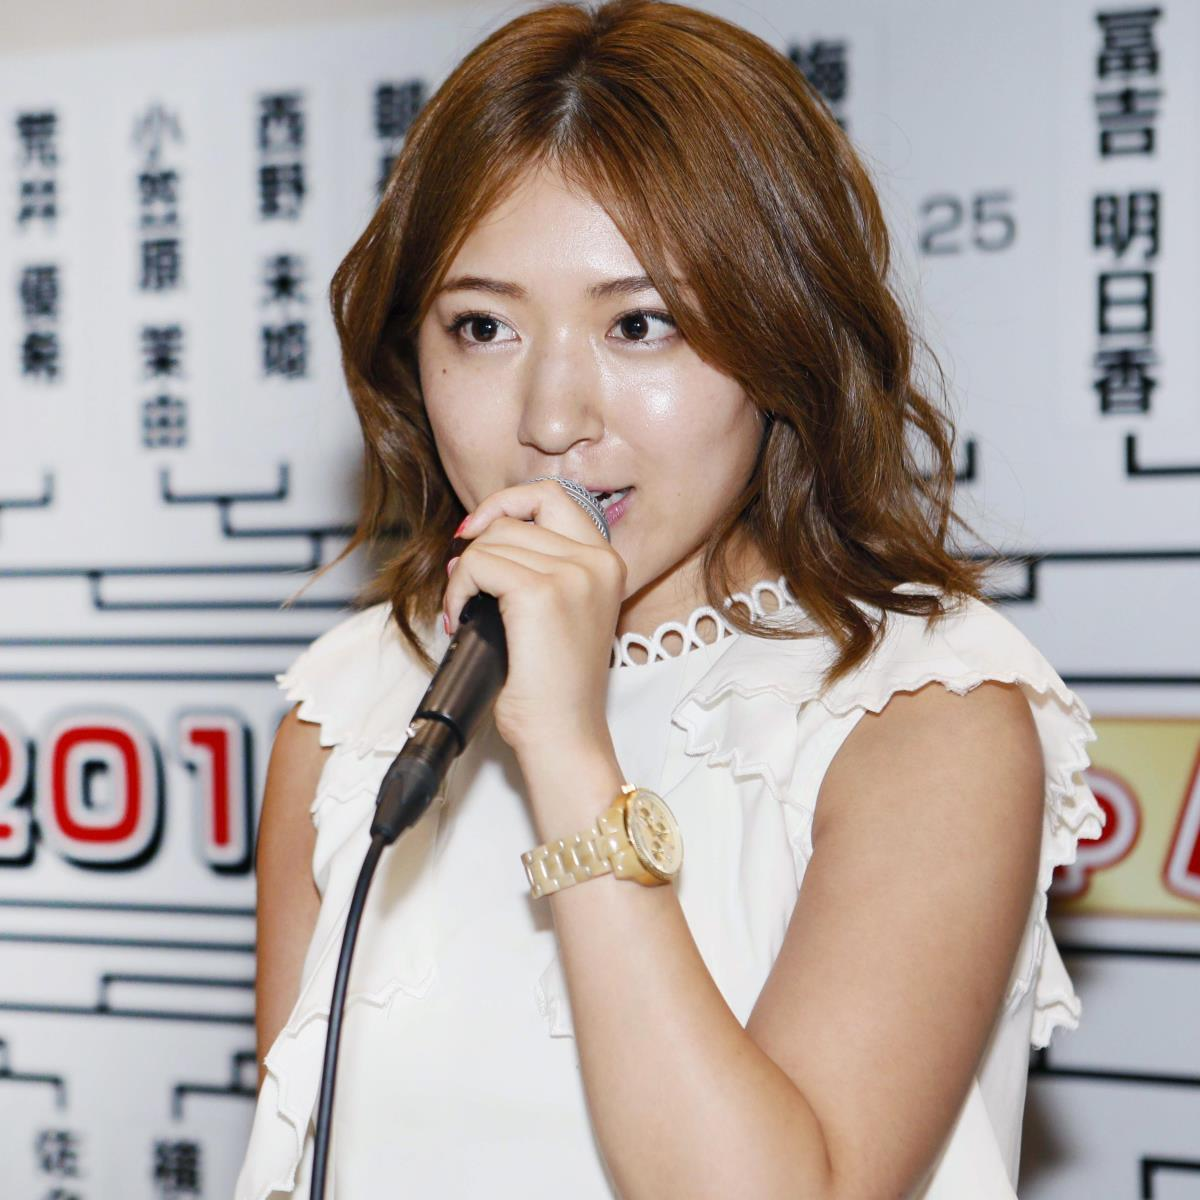 2015年にAKB48卒業を発表した内田眞由美